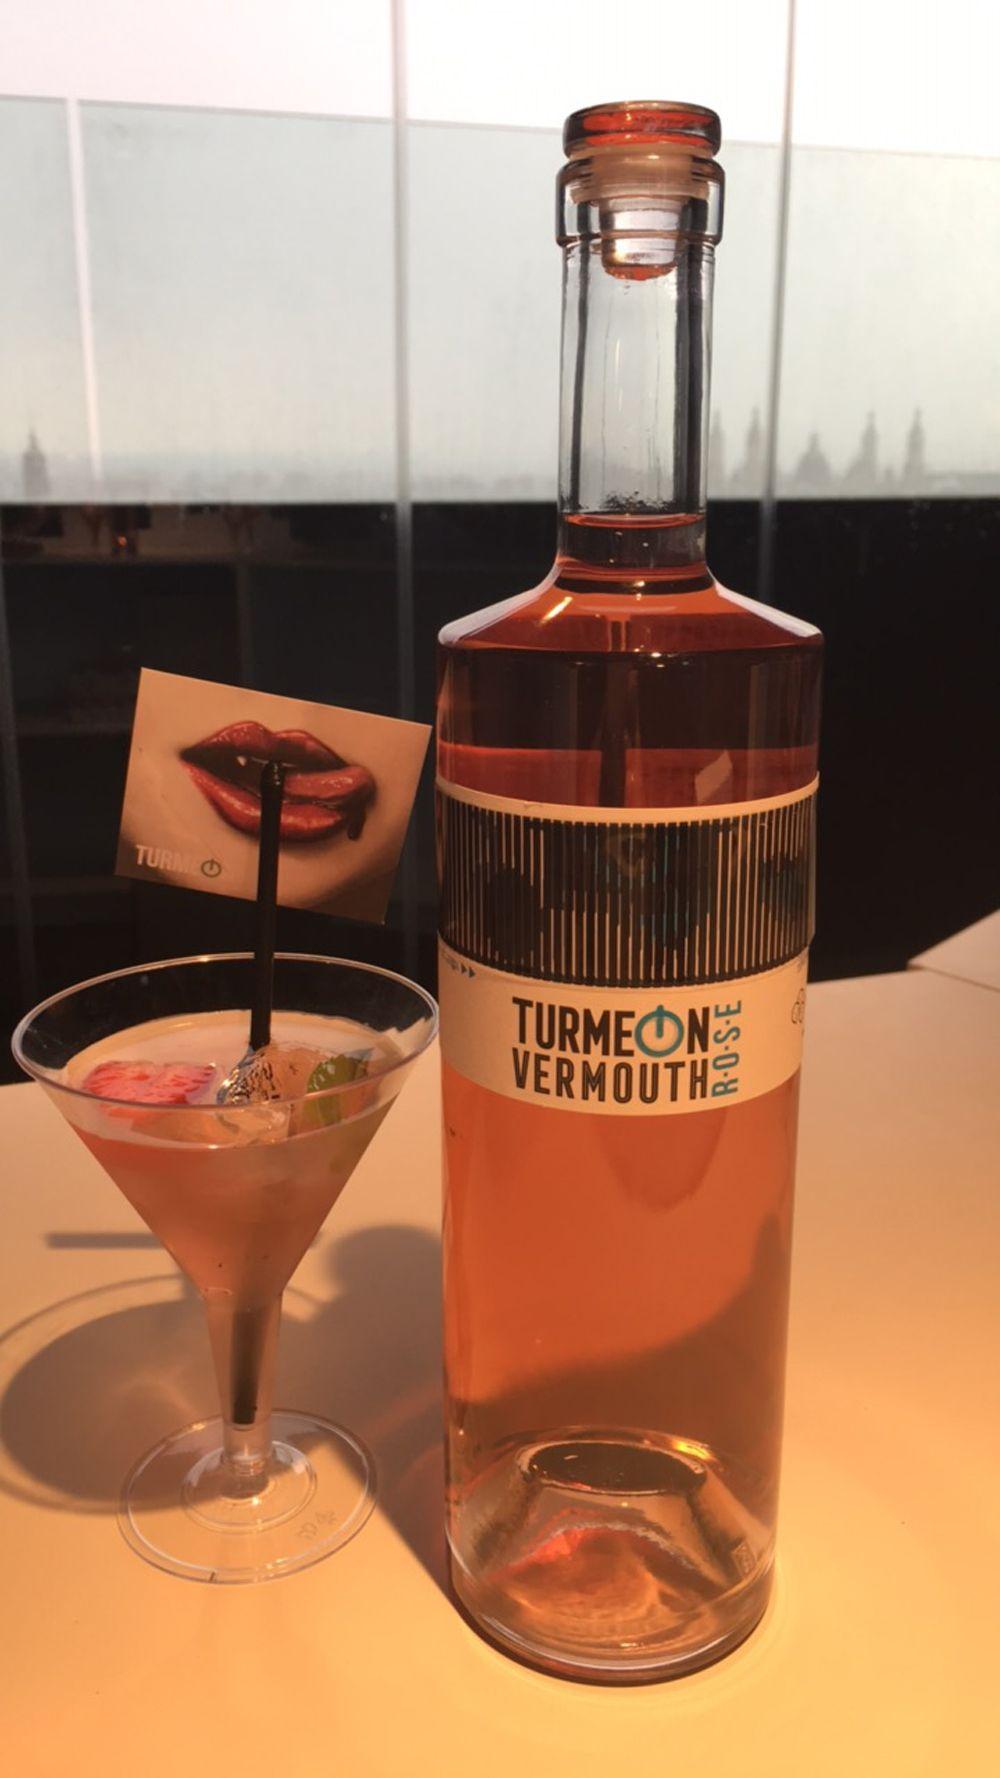 Turmeon lanza su nuevo vermut rosado elaborado congarnacha 100% y frutos rojos